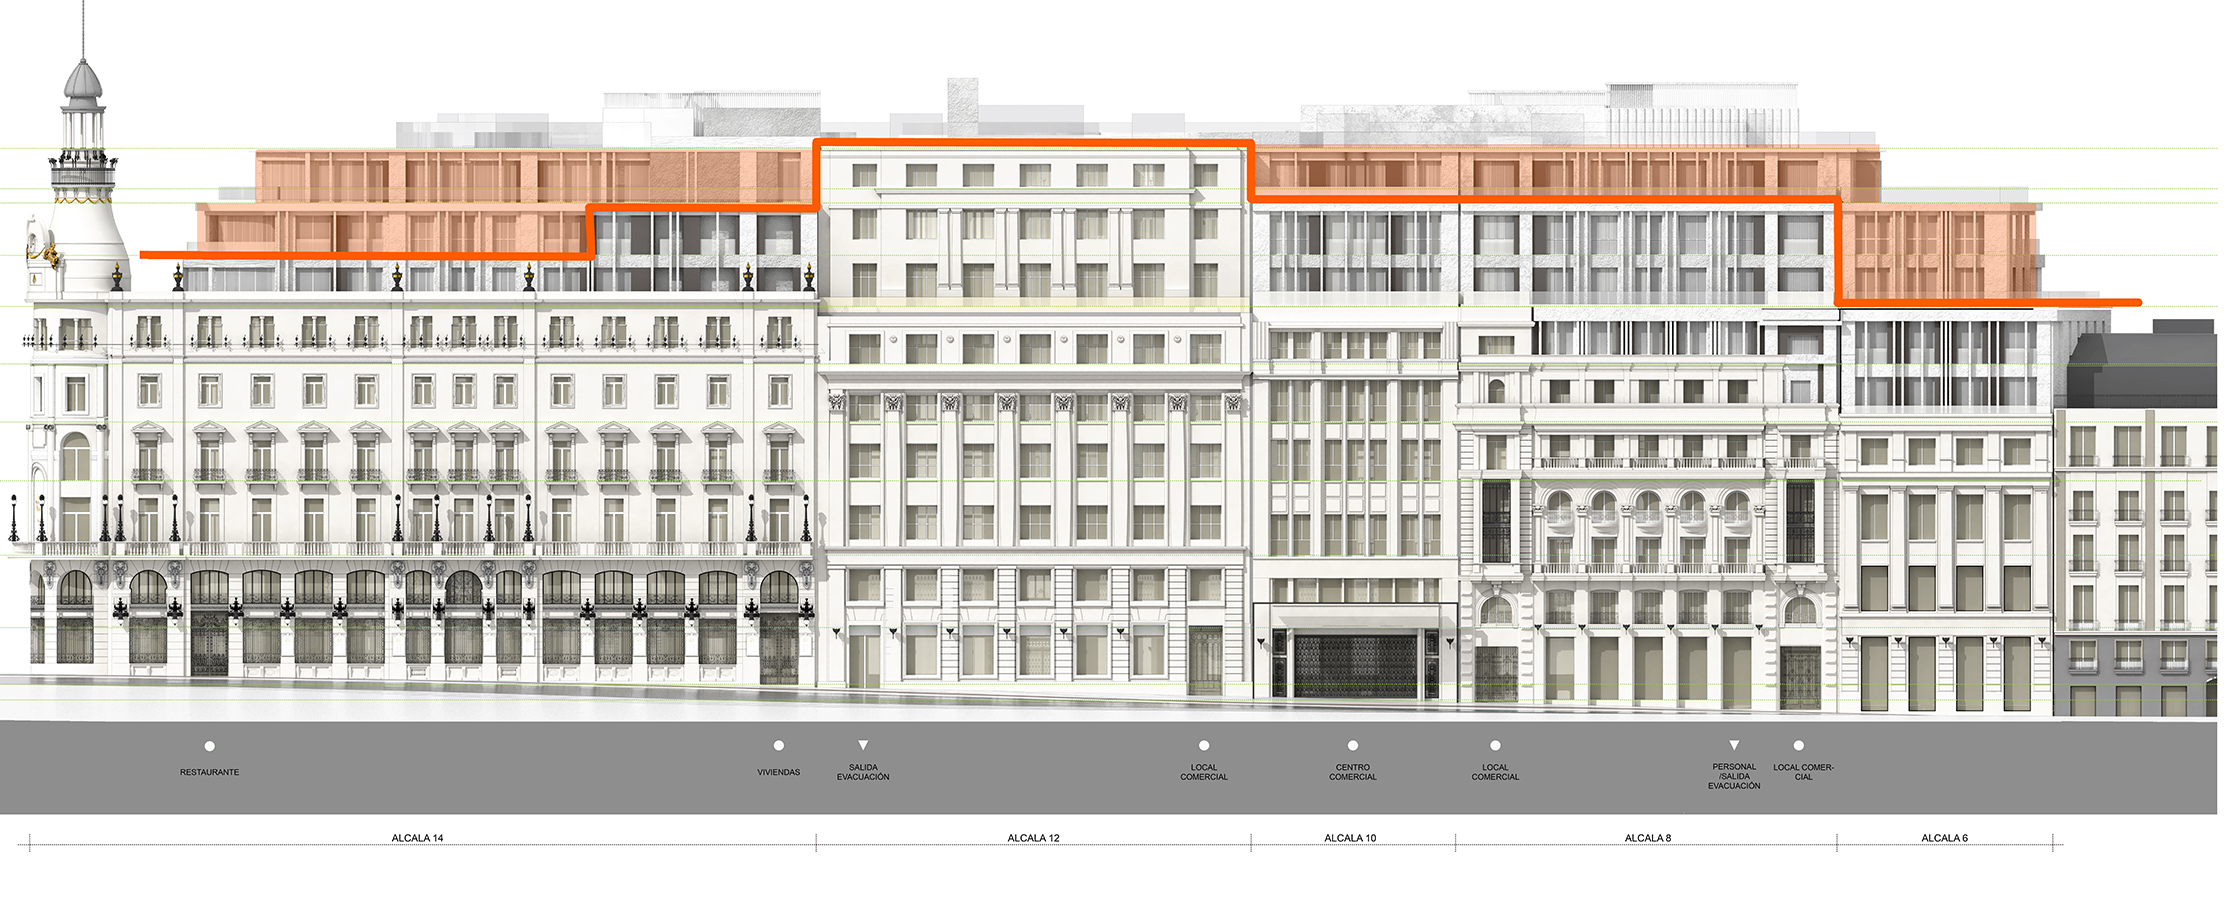 Acuerdo institucional sobre el complejo canalejas for Edificio de la comunidad de madrid